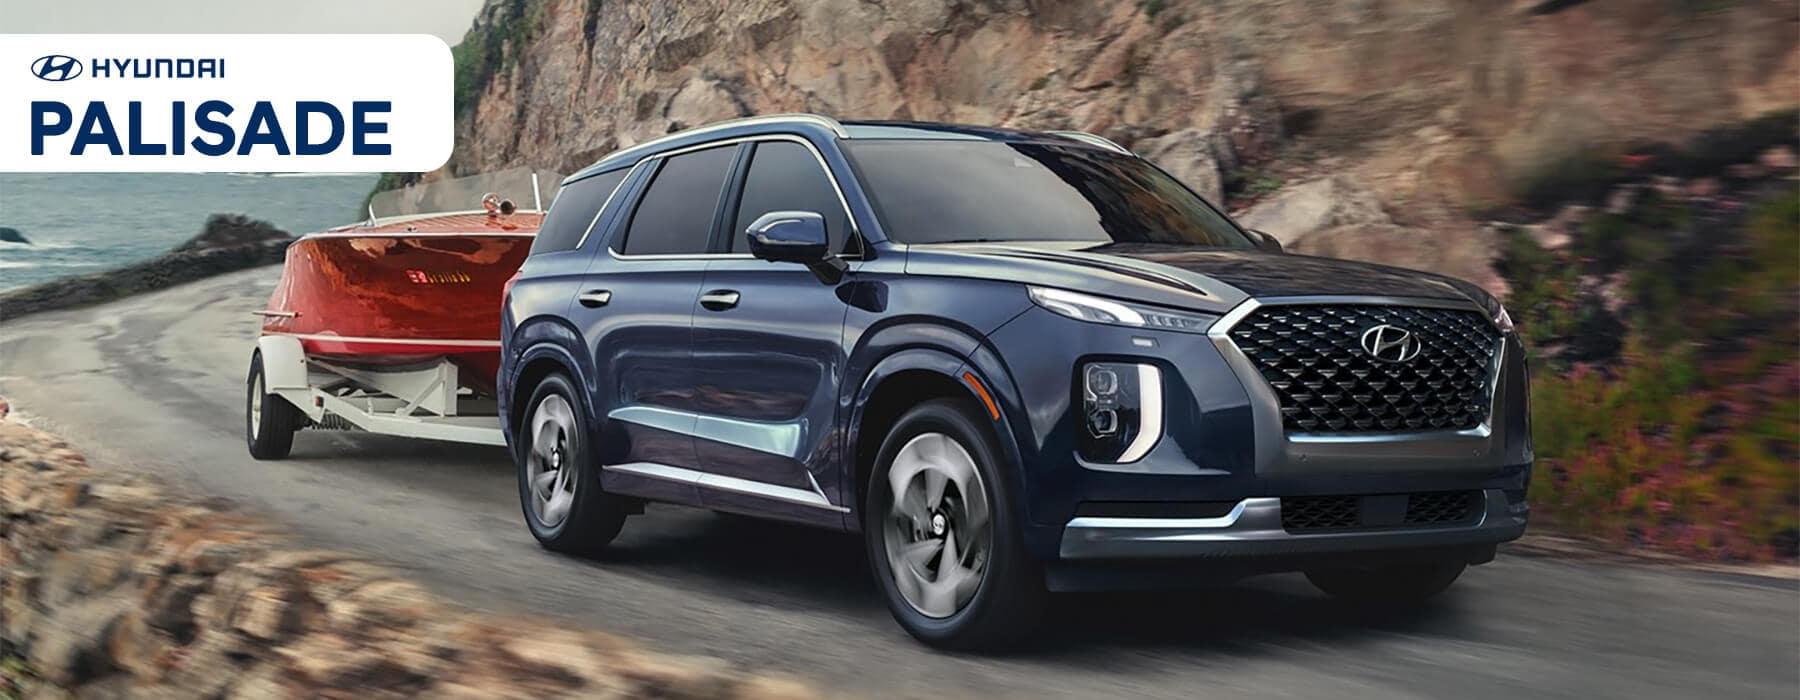 Hyundai SUV Lineup: 2021 Palisade Slider